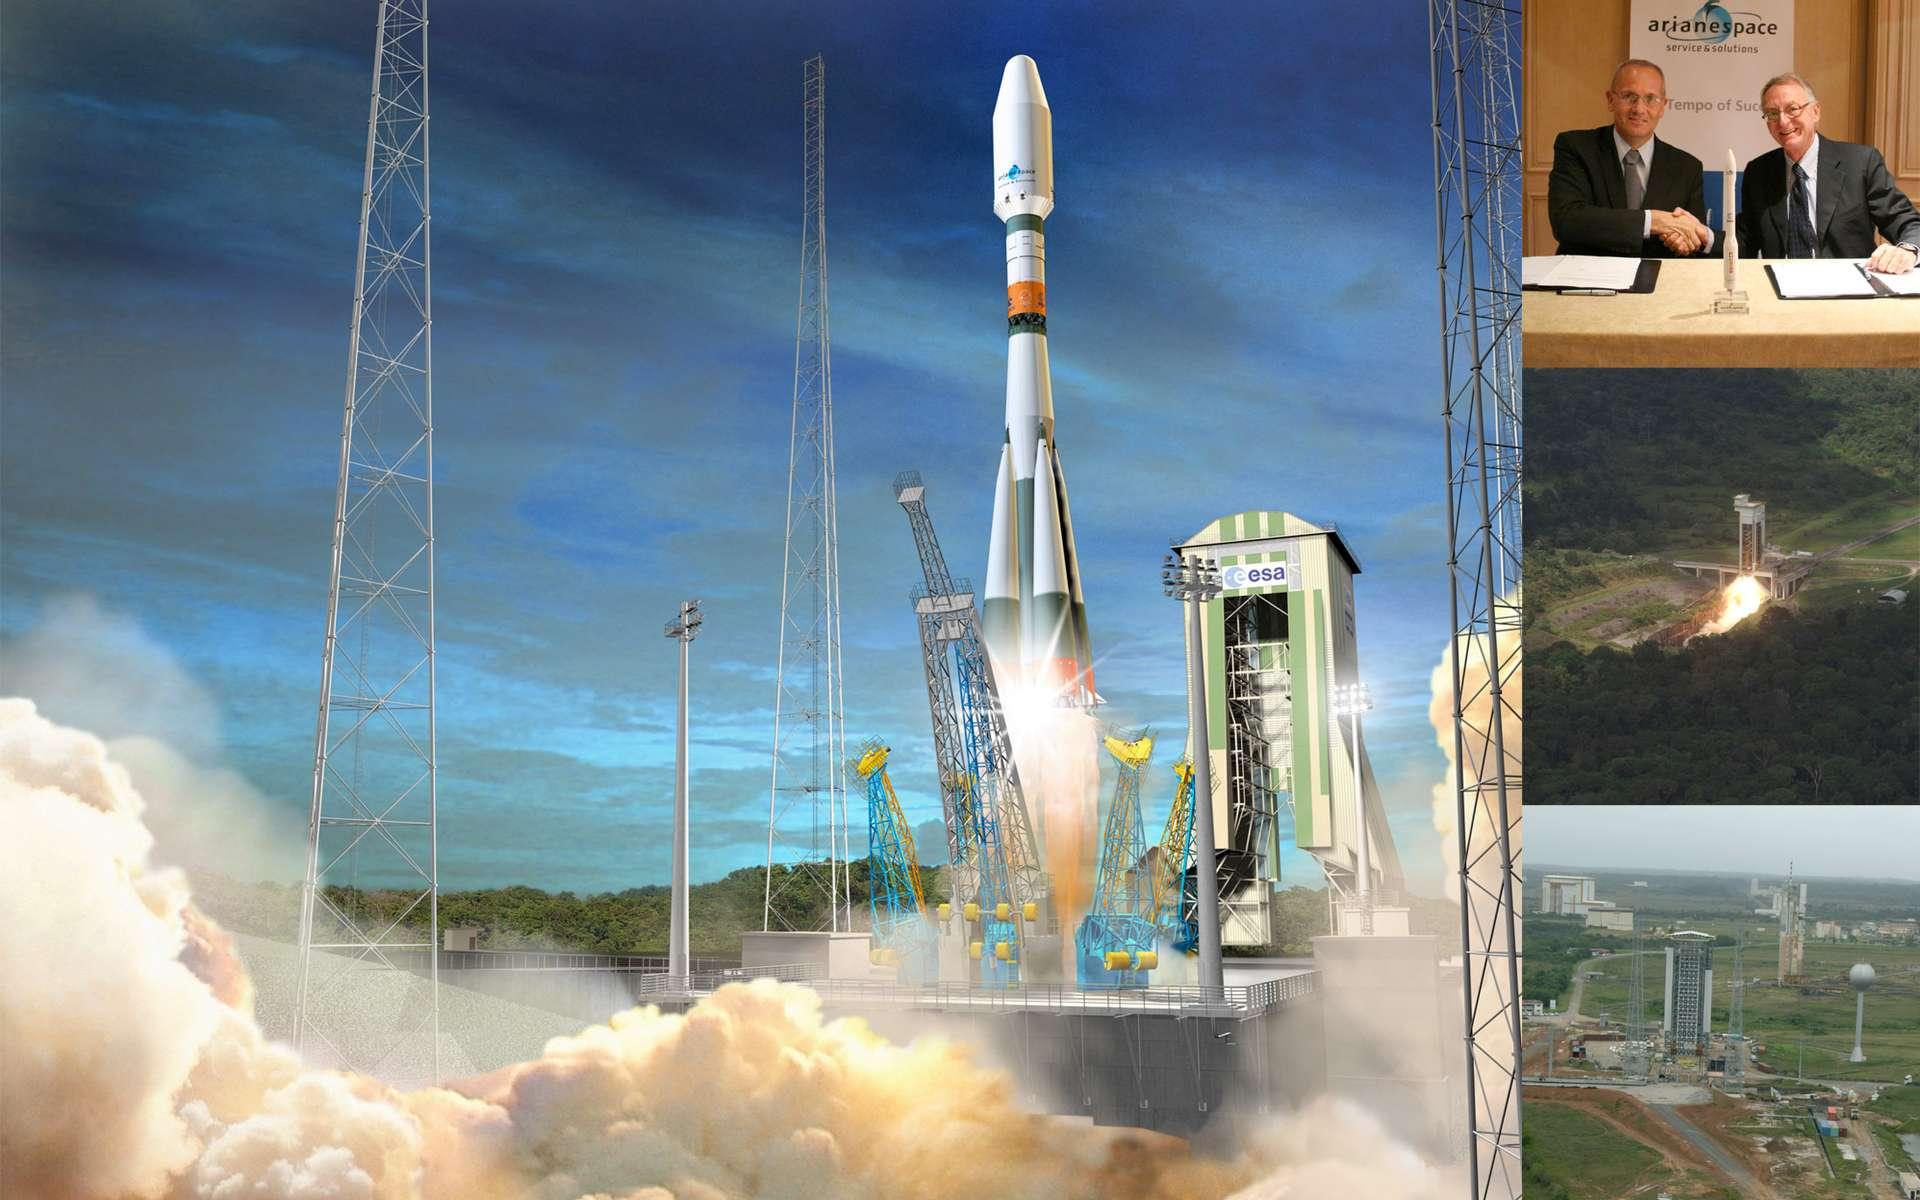 Dimensionné pour l'emport de satellites d'observation et de charges utiles scientifiques de petites tailles, le lanceur Vega va se frotter aux lanceurs russes Dniepr et Eurockot qui ont lancé de nombreux satellites de l'Esa. Crédits Esa / D.Ducros / S. Corvaja